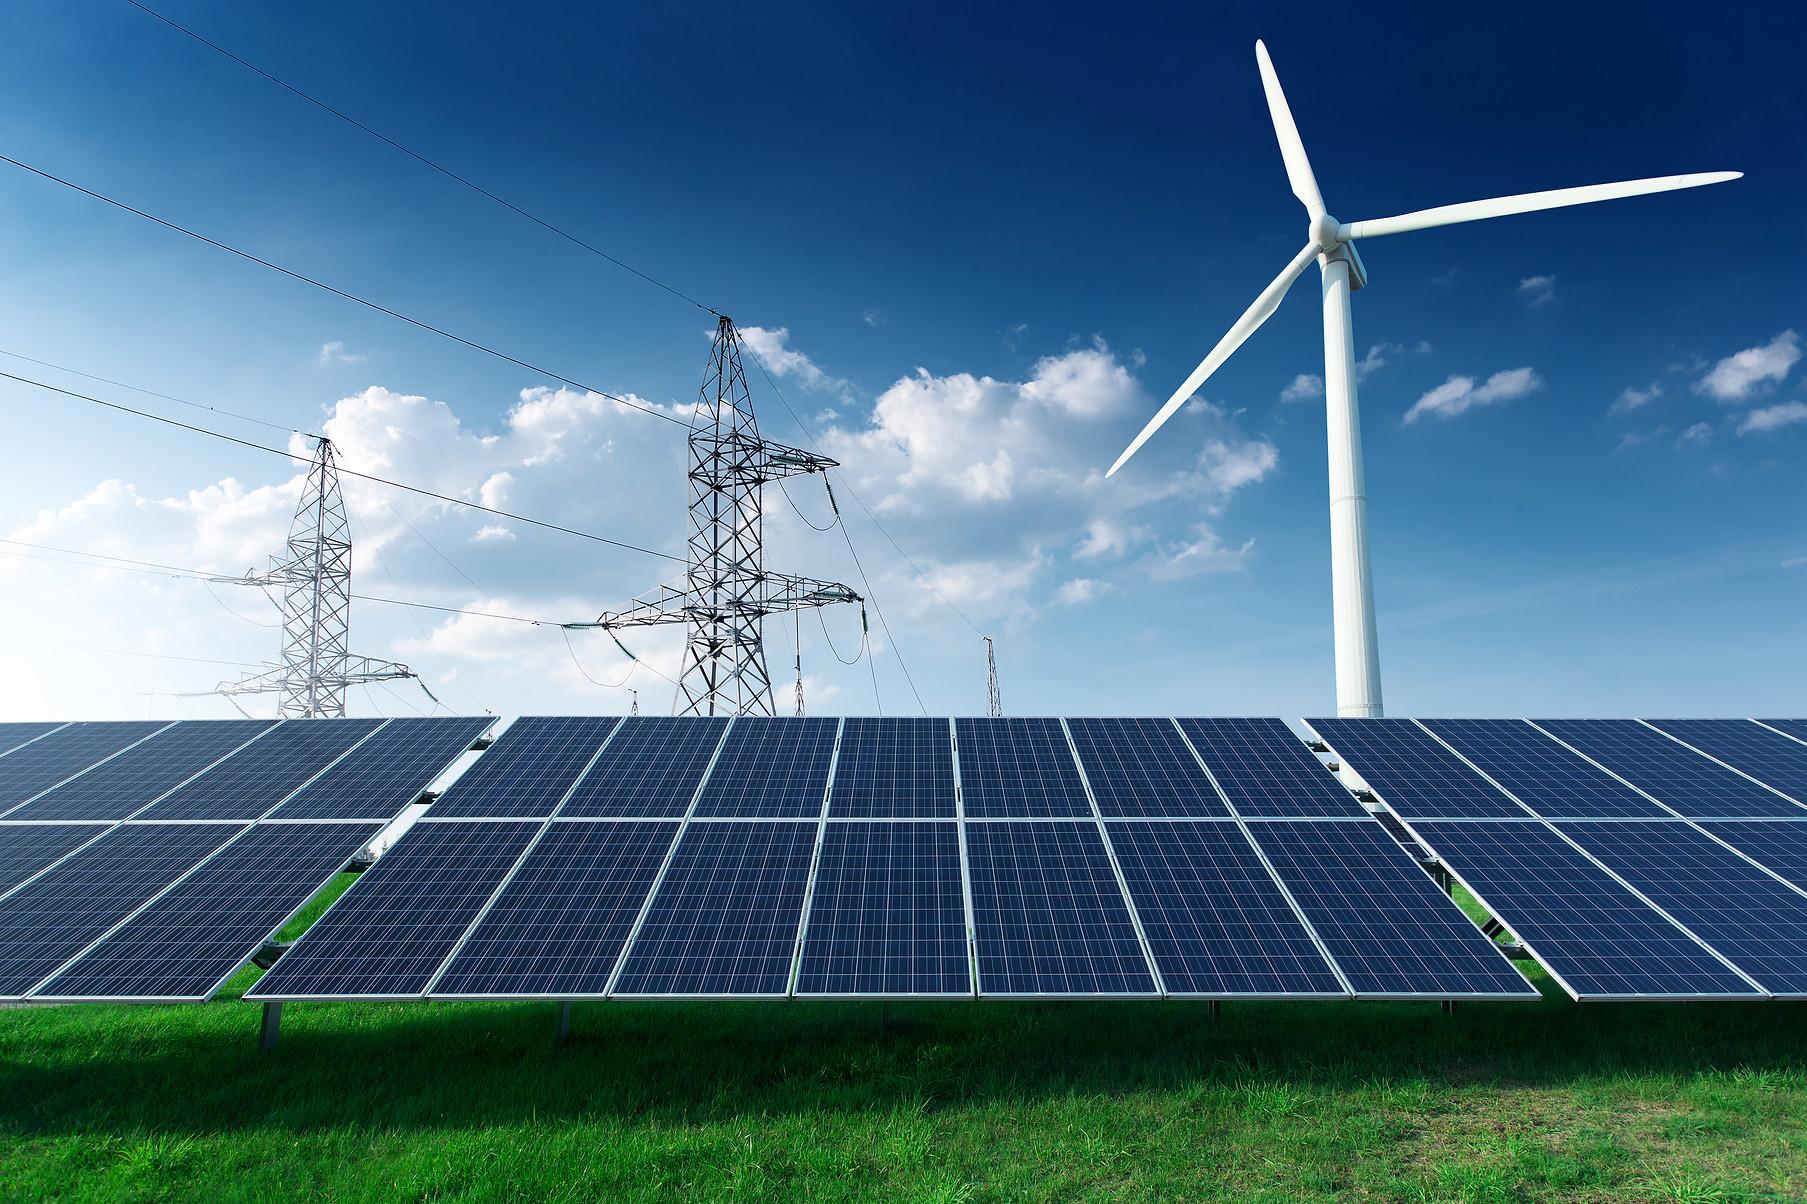 株式会社アースエネルギー